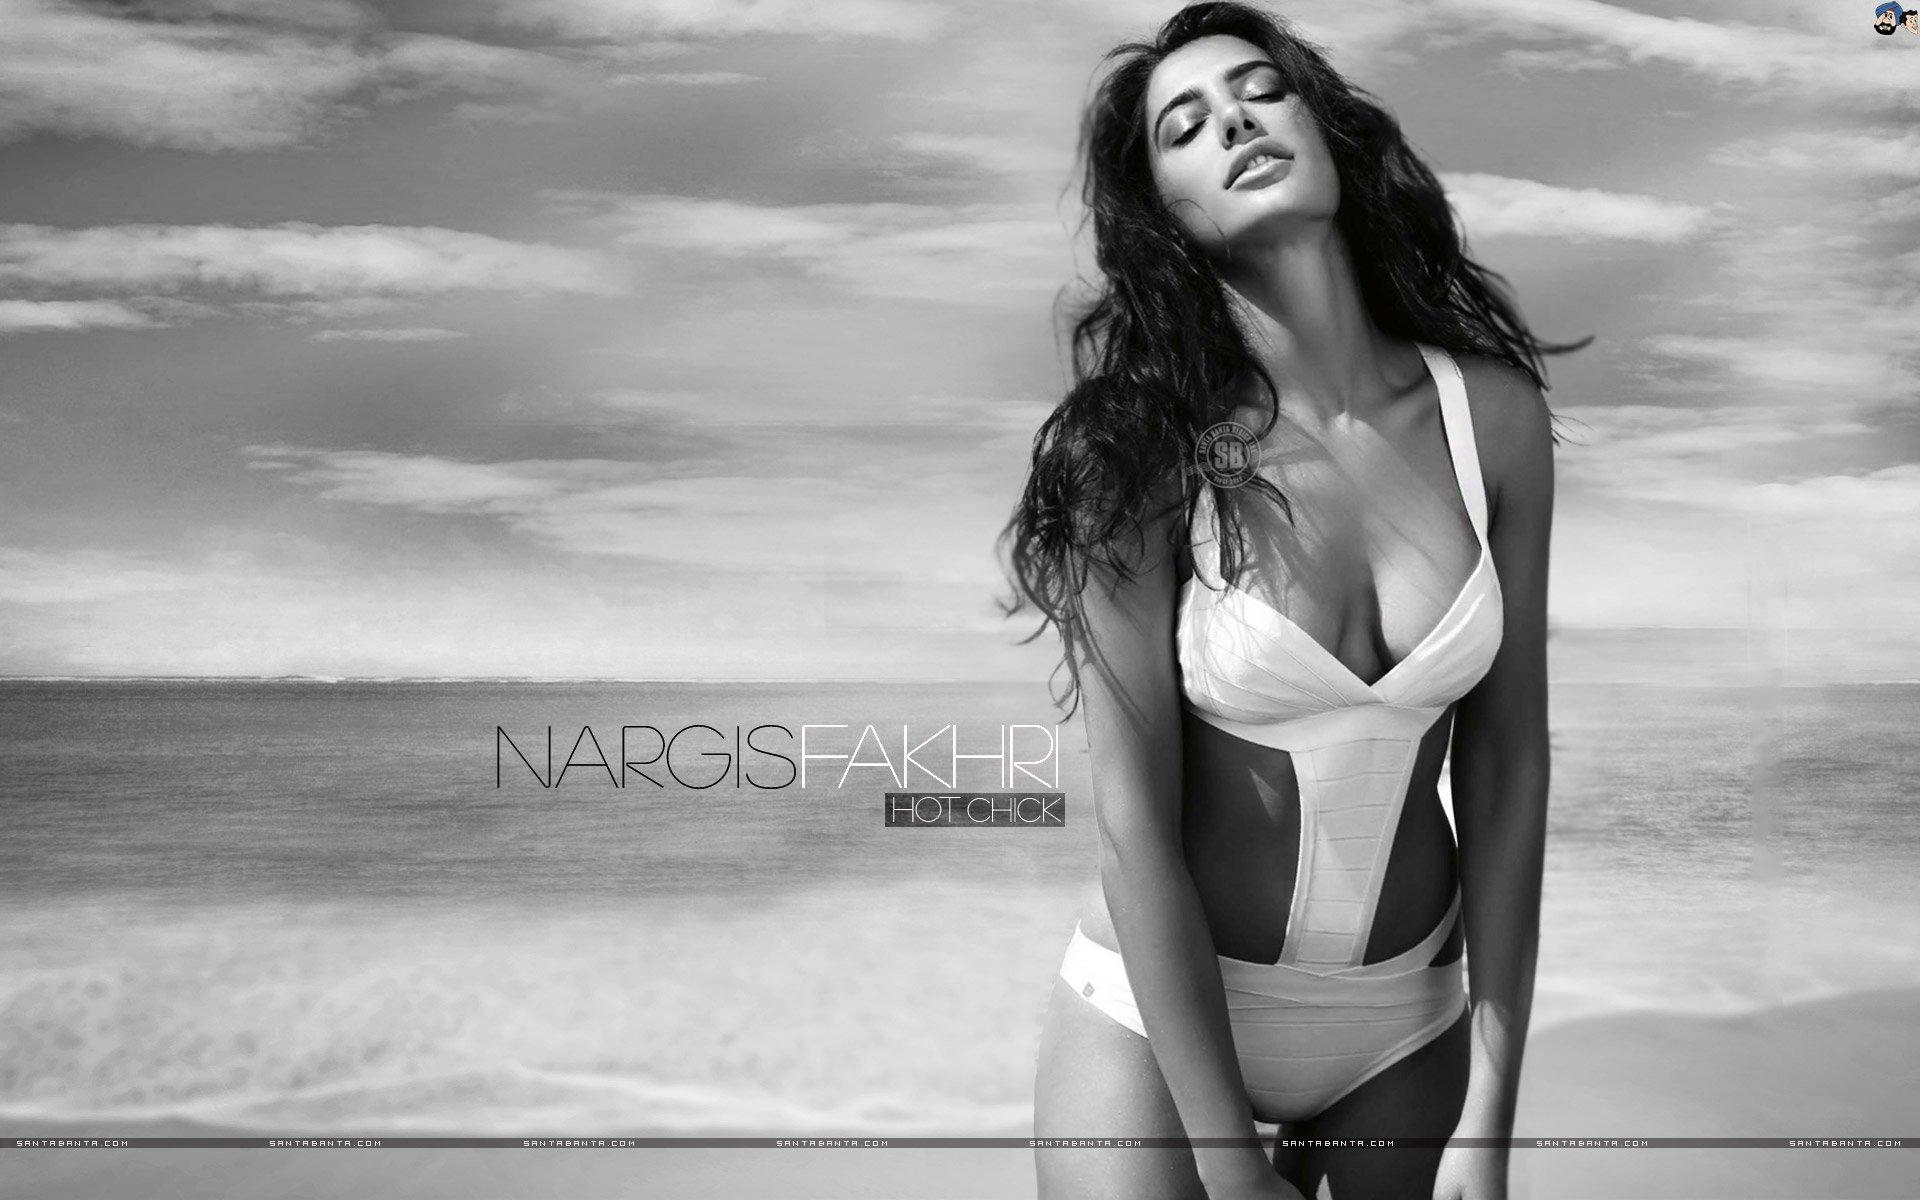 Fakhri nude nargis 23+ Nargis